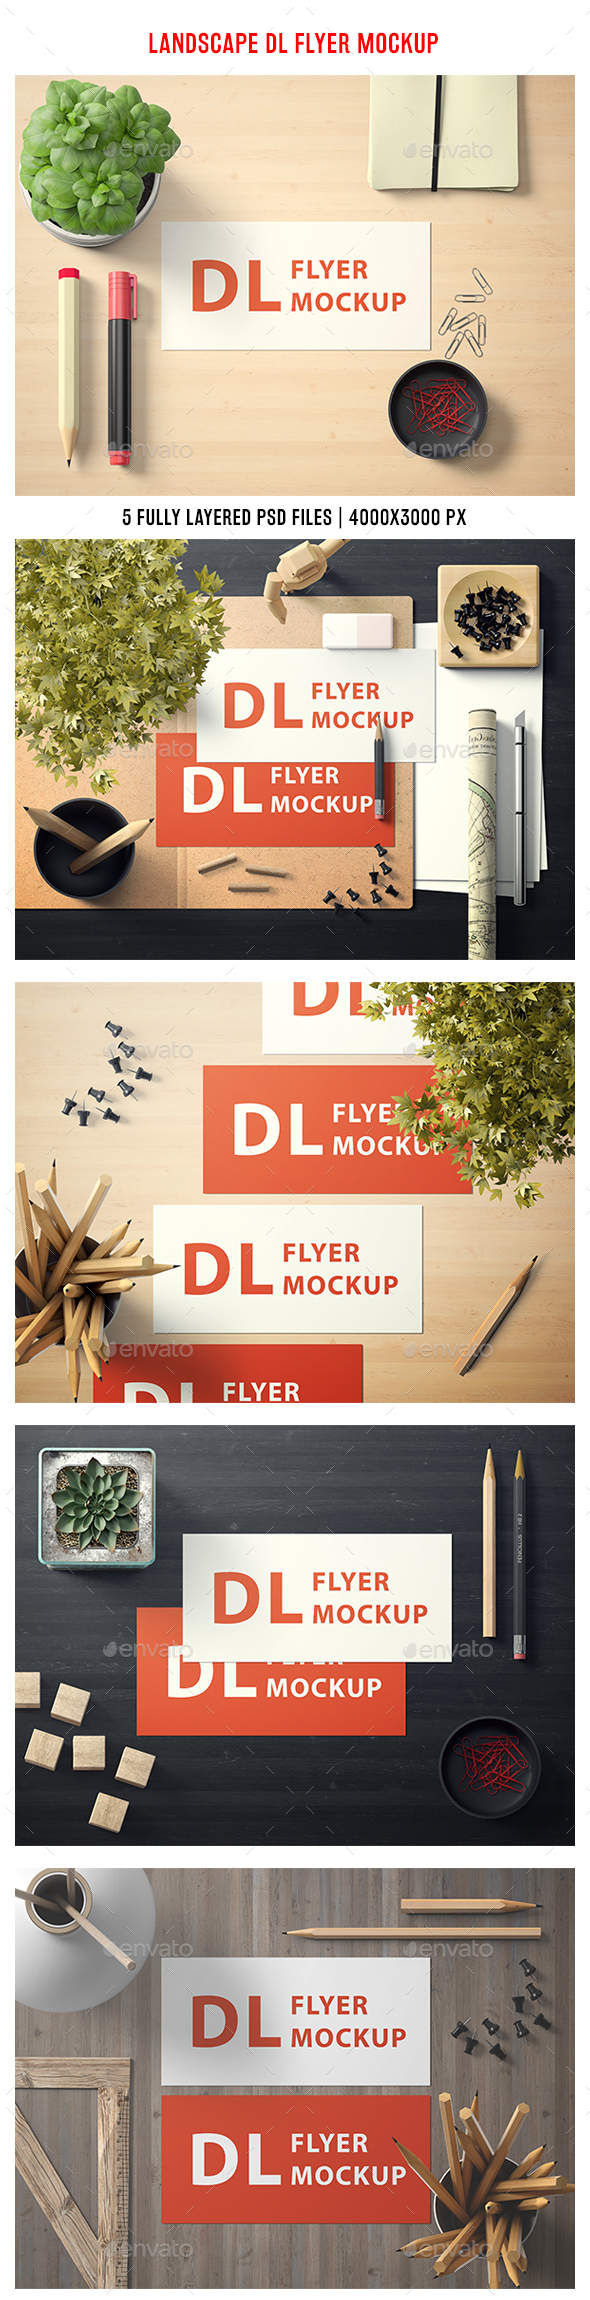 Landscape DL Flyer Mockup - Flyers Print